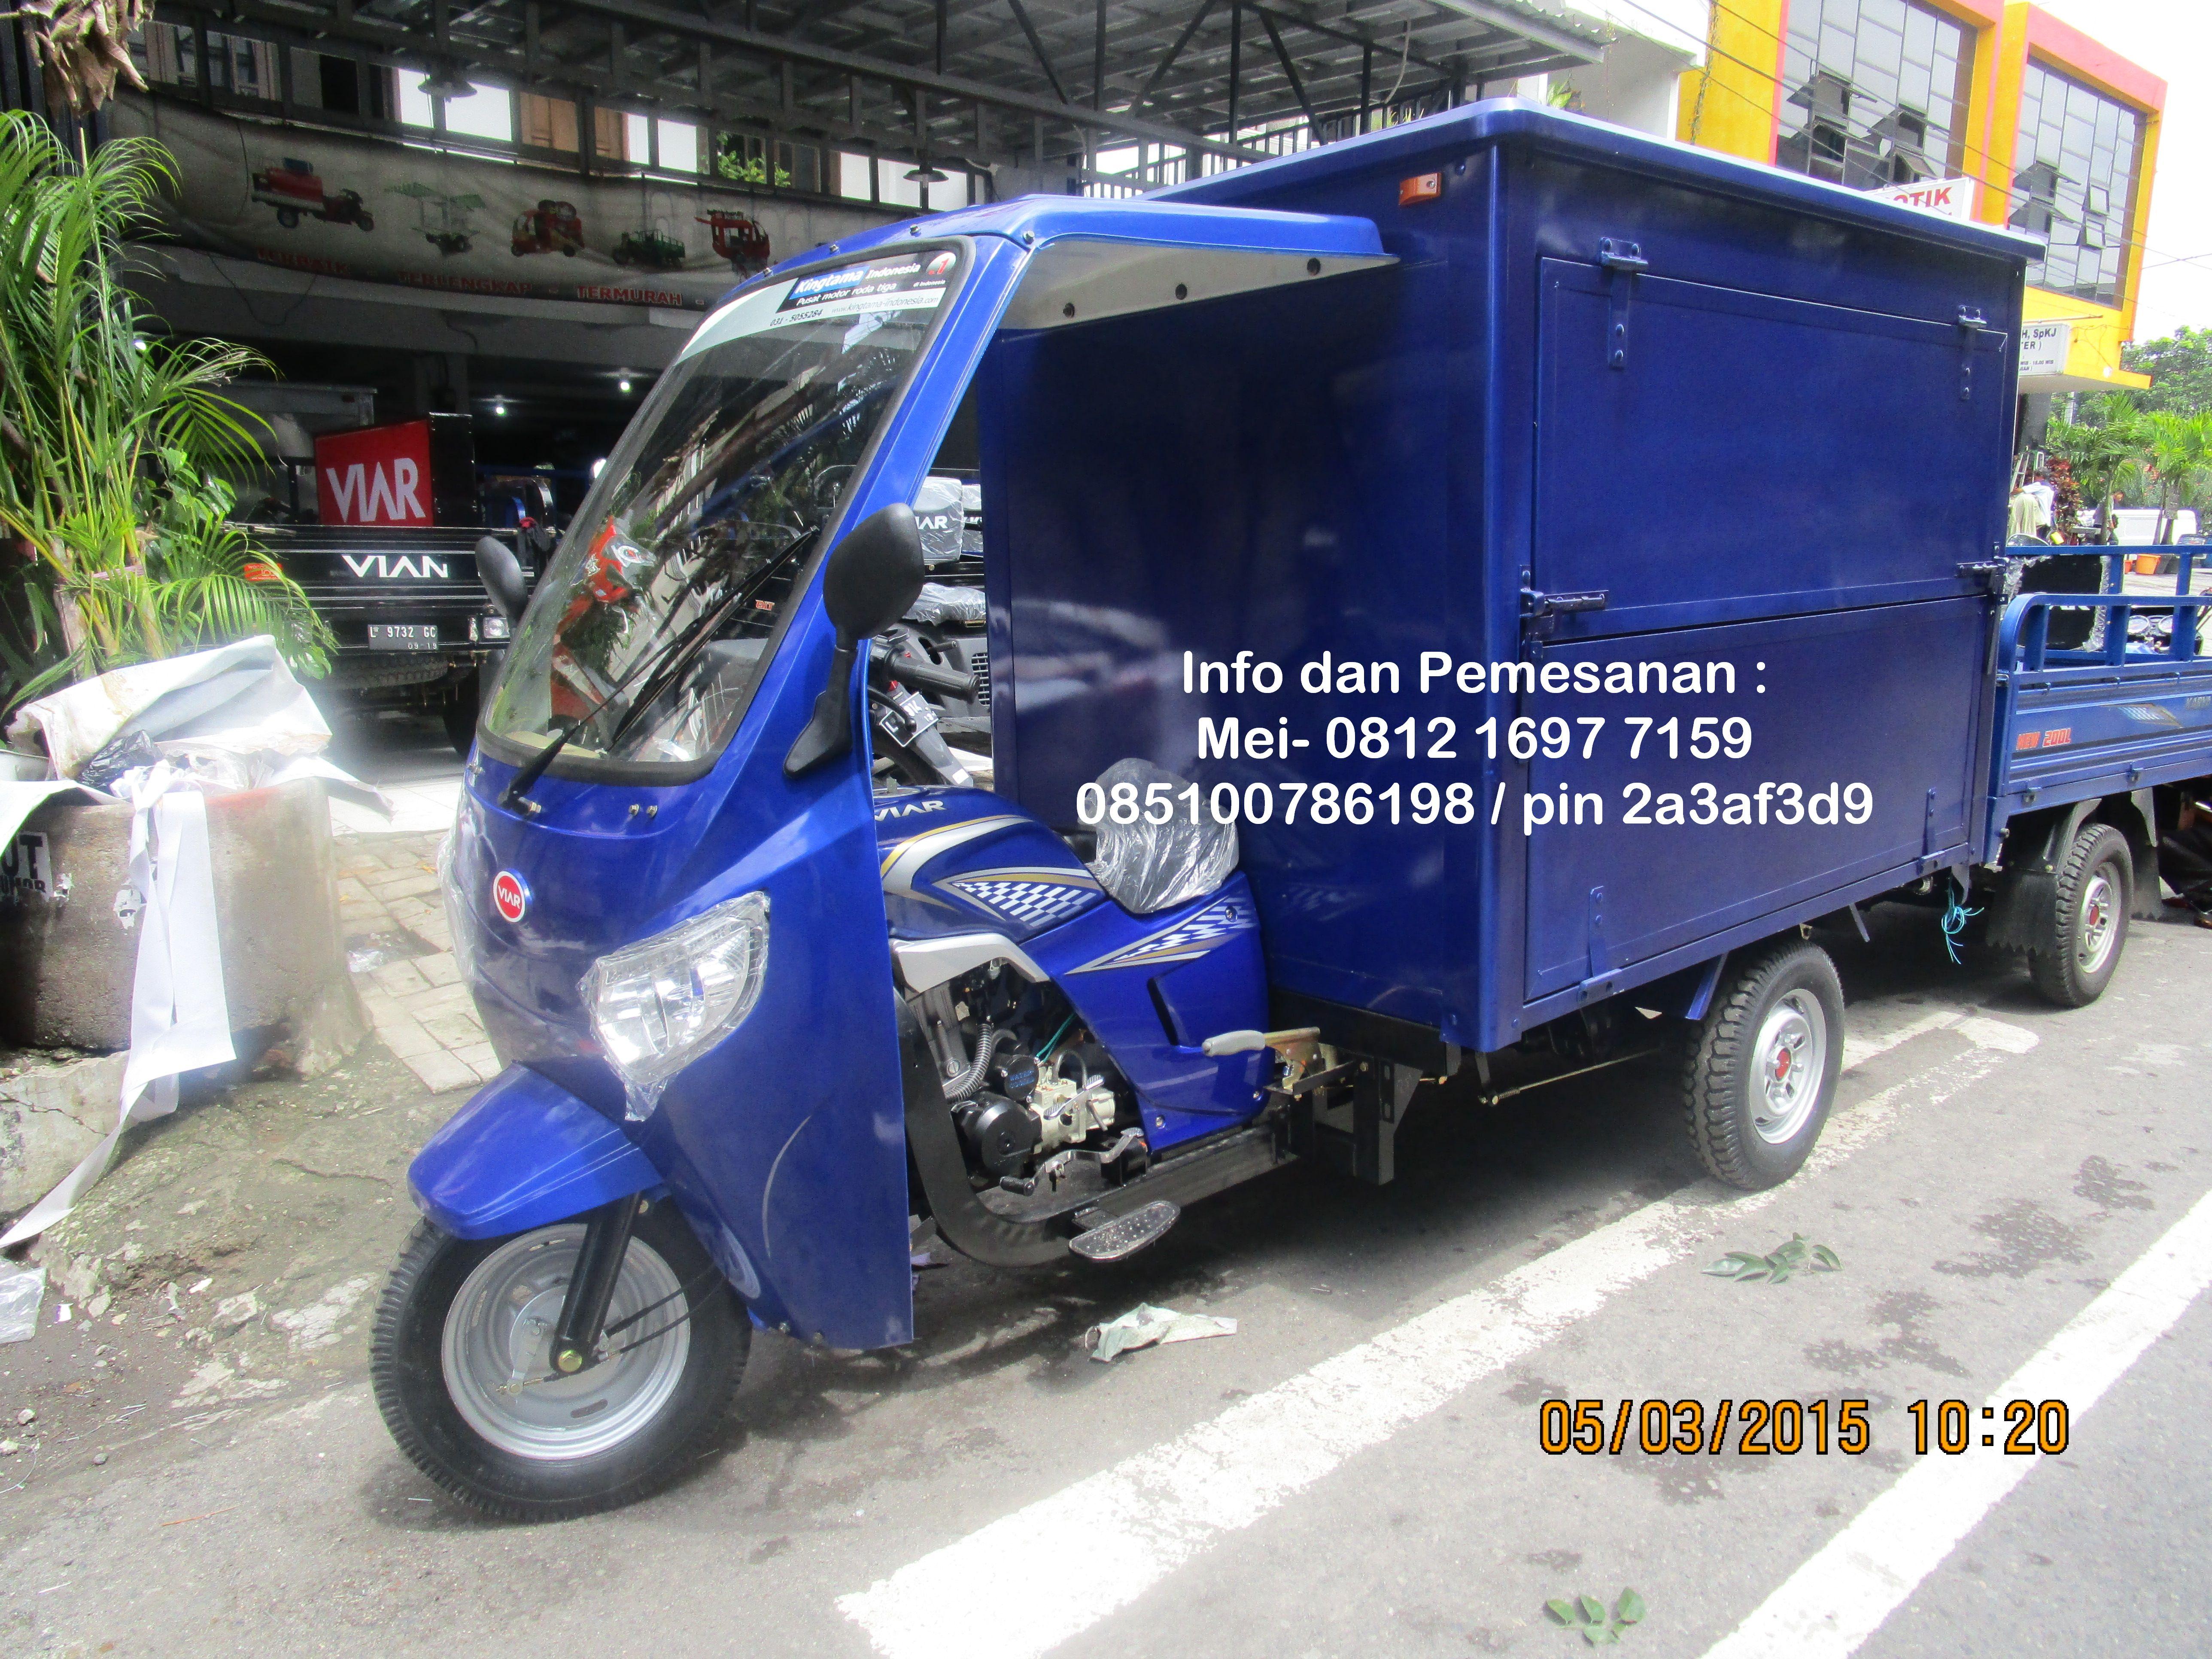 Koleksi Ide Modifikasi Motor Untuk Angkutan Barang Terupdate